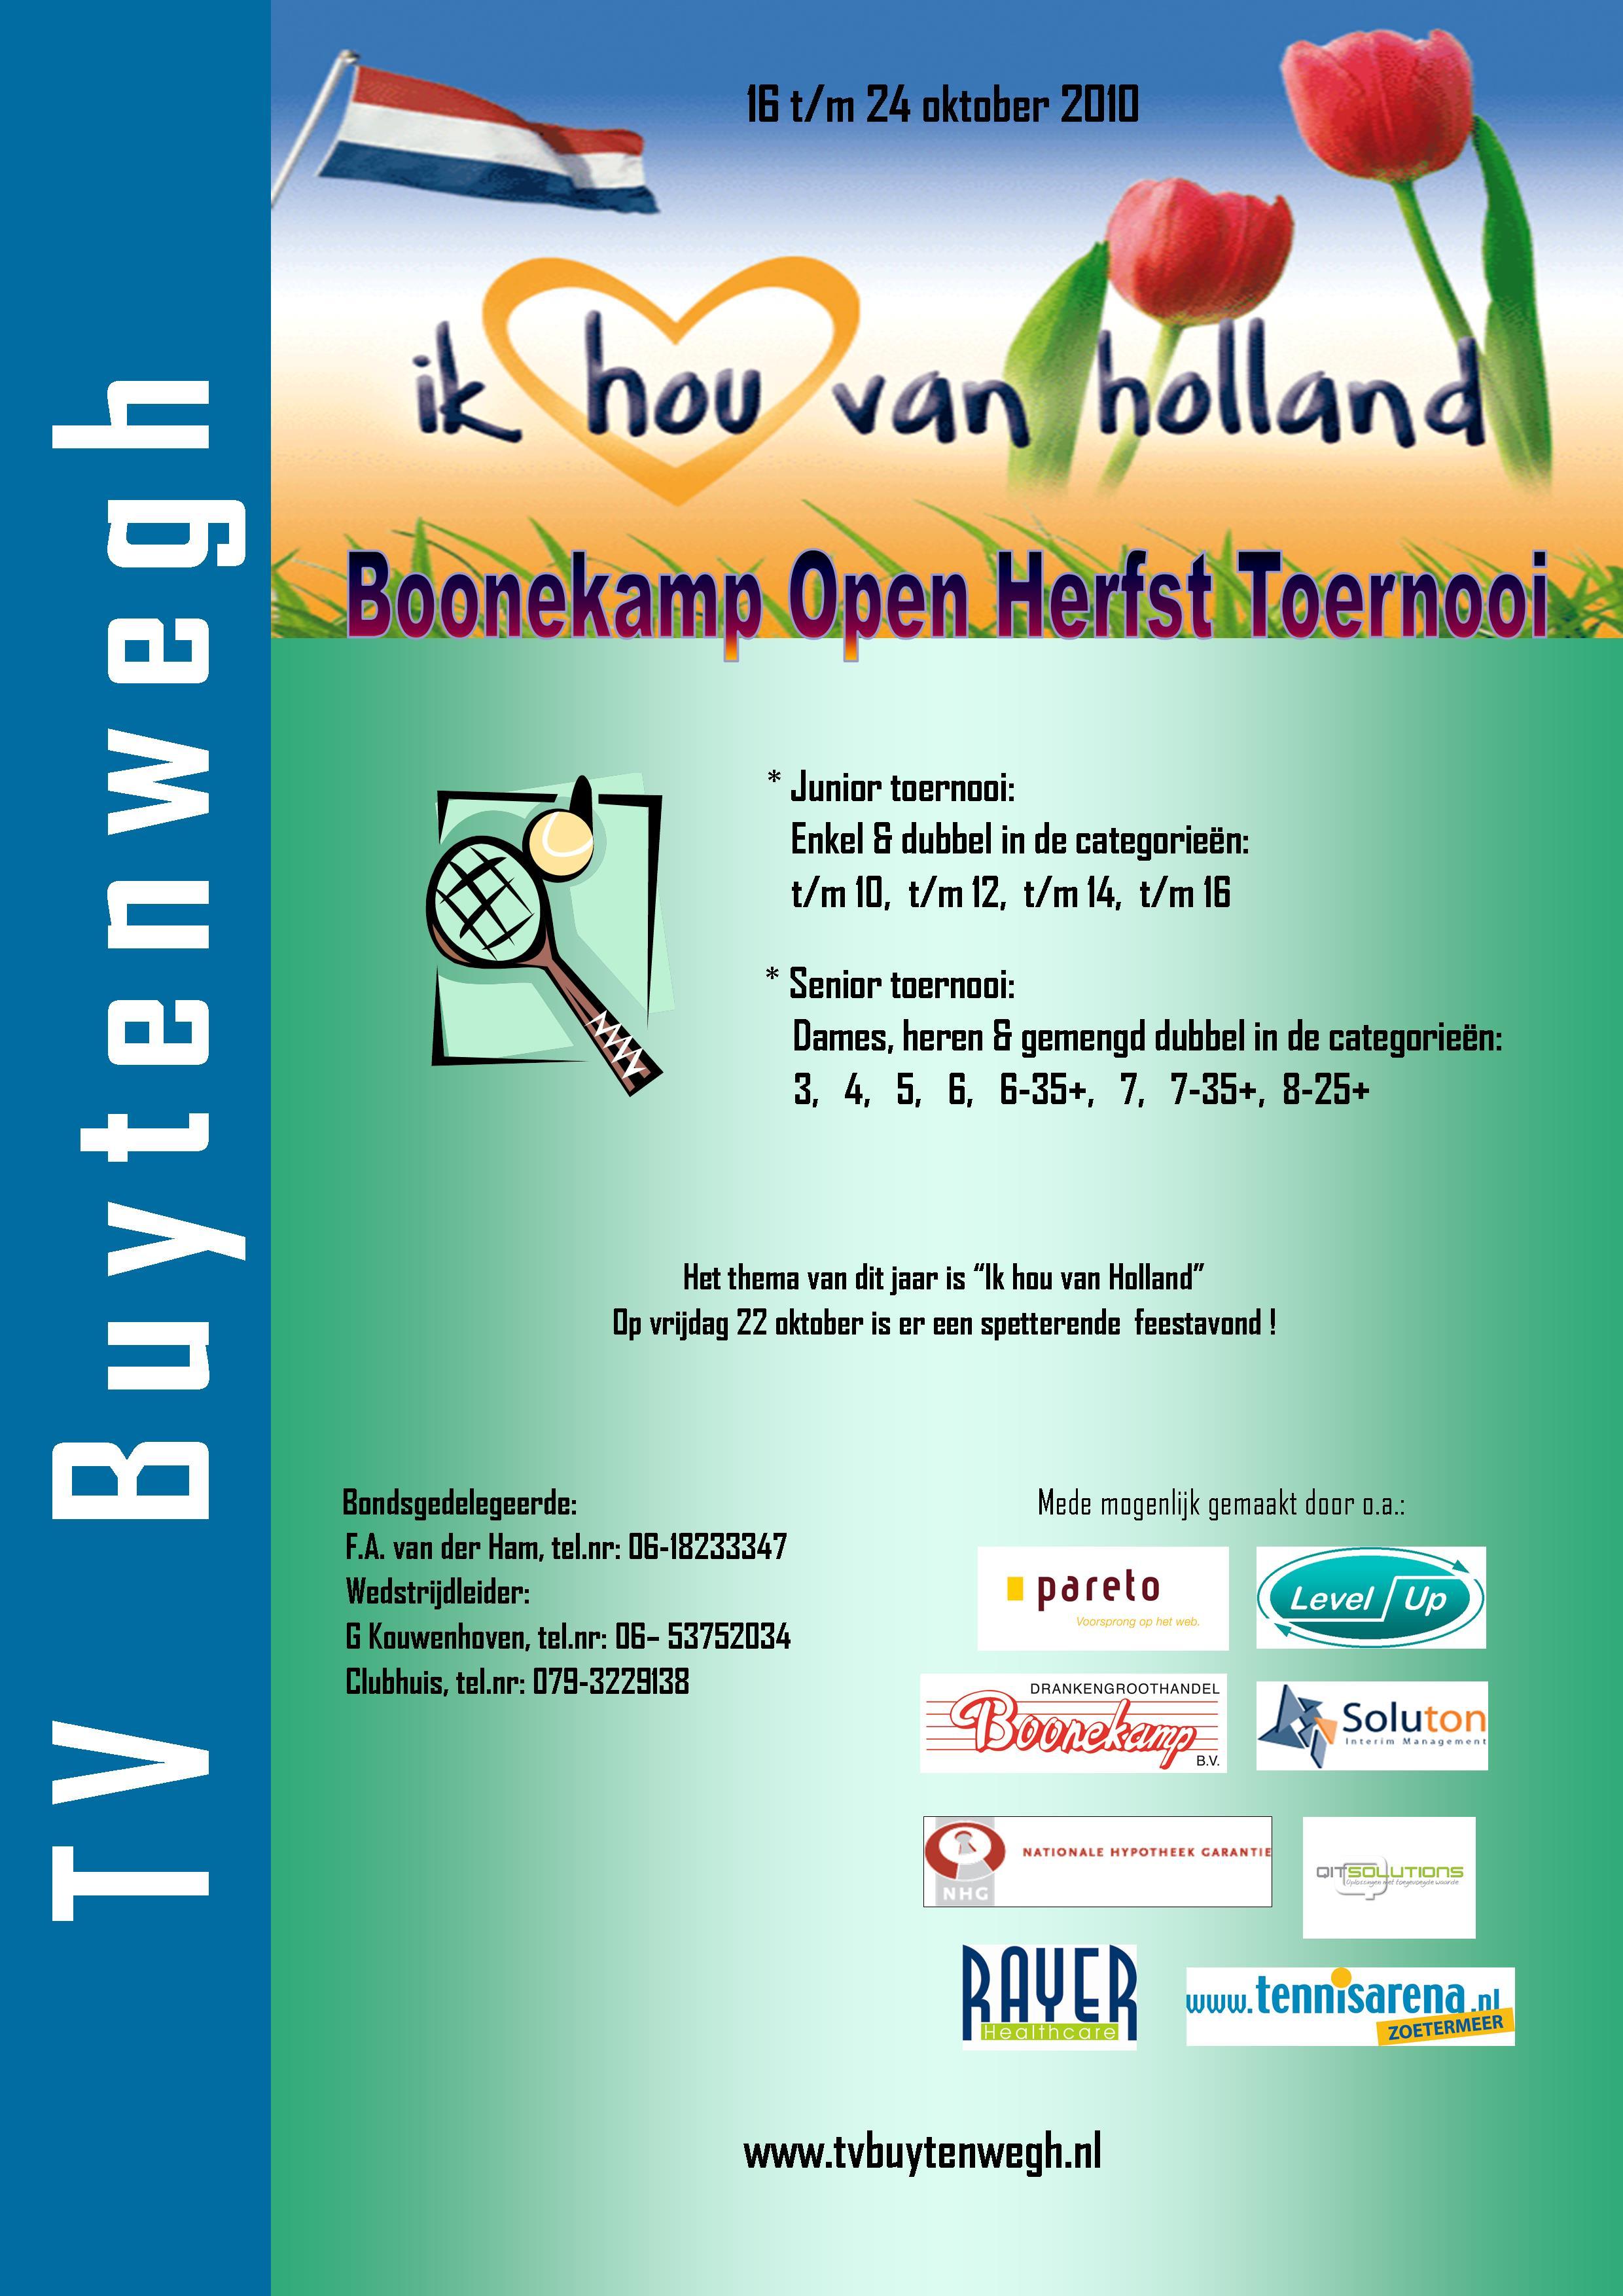 Ik houd van Holland